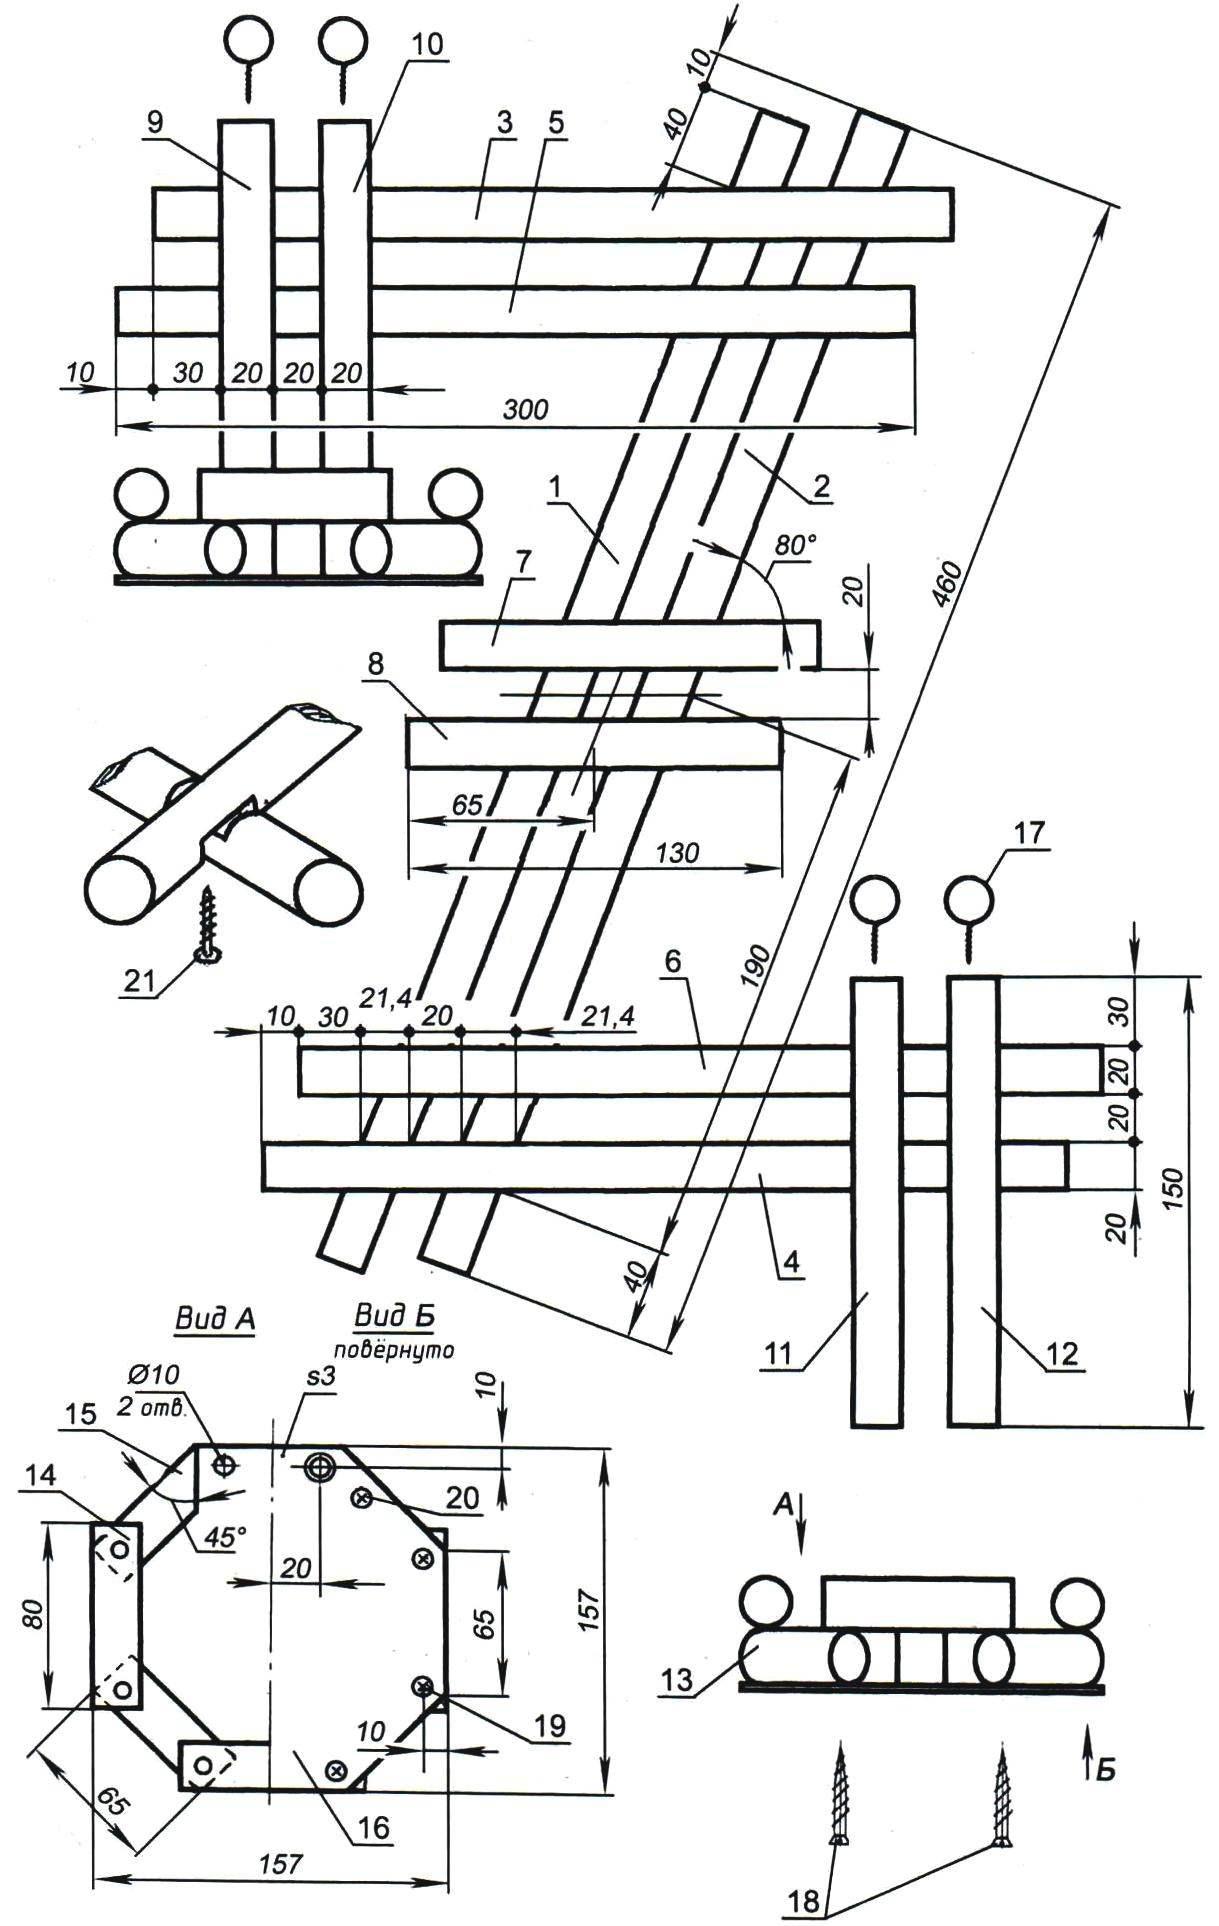 Цветочница из однотипных деталей (материал деталей 1 -15 - деревянный стержень d20)